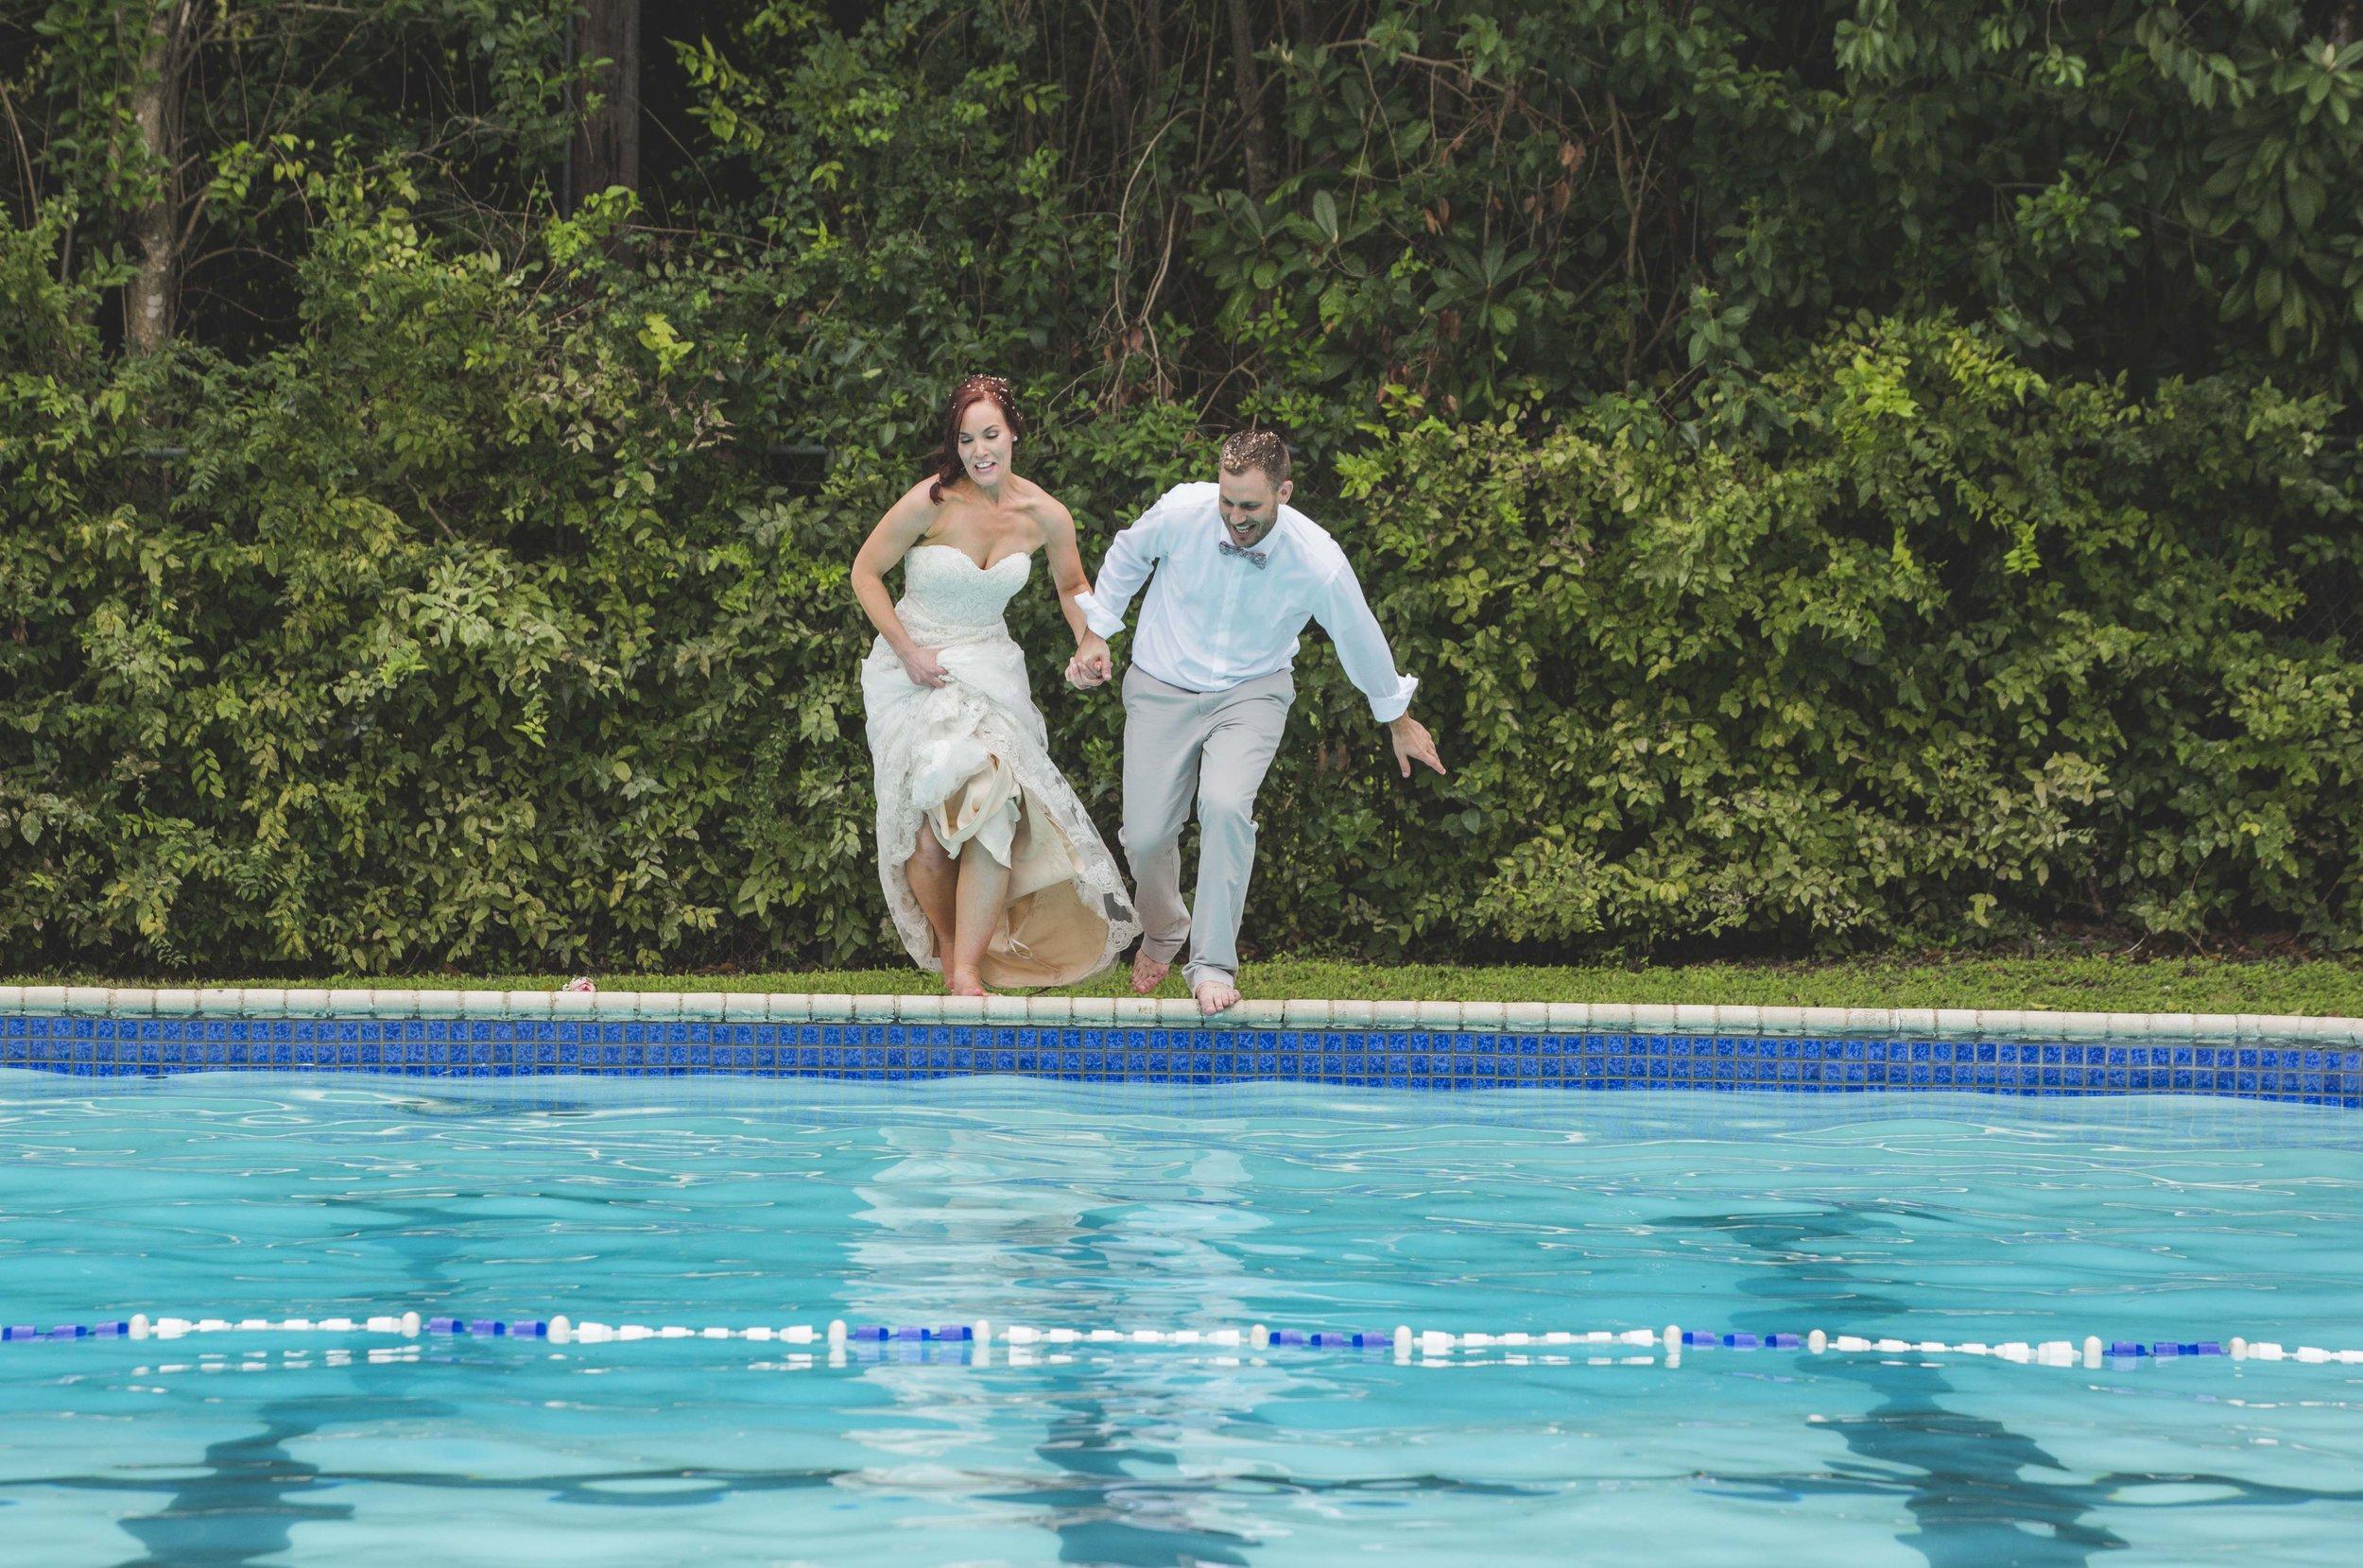 ATGI_Susanna & Matt Wedding_717A8851.jpg